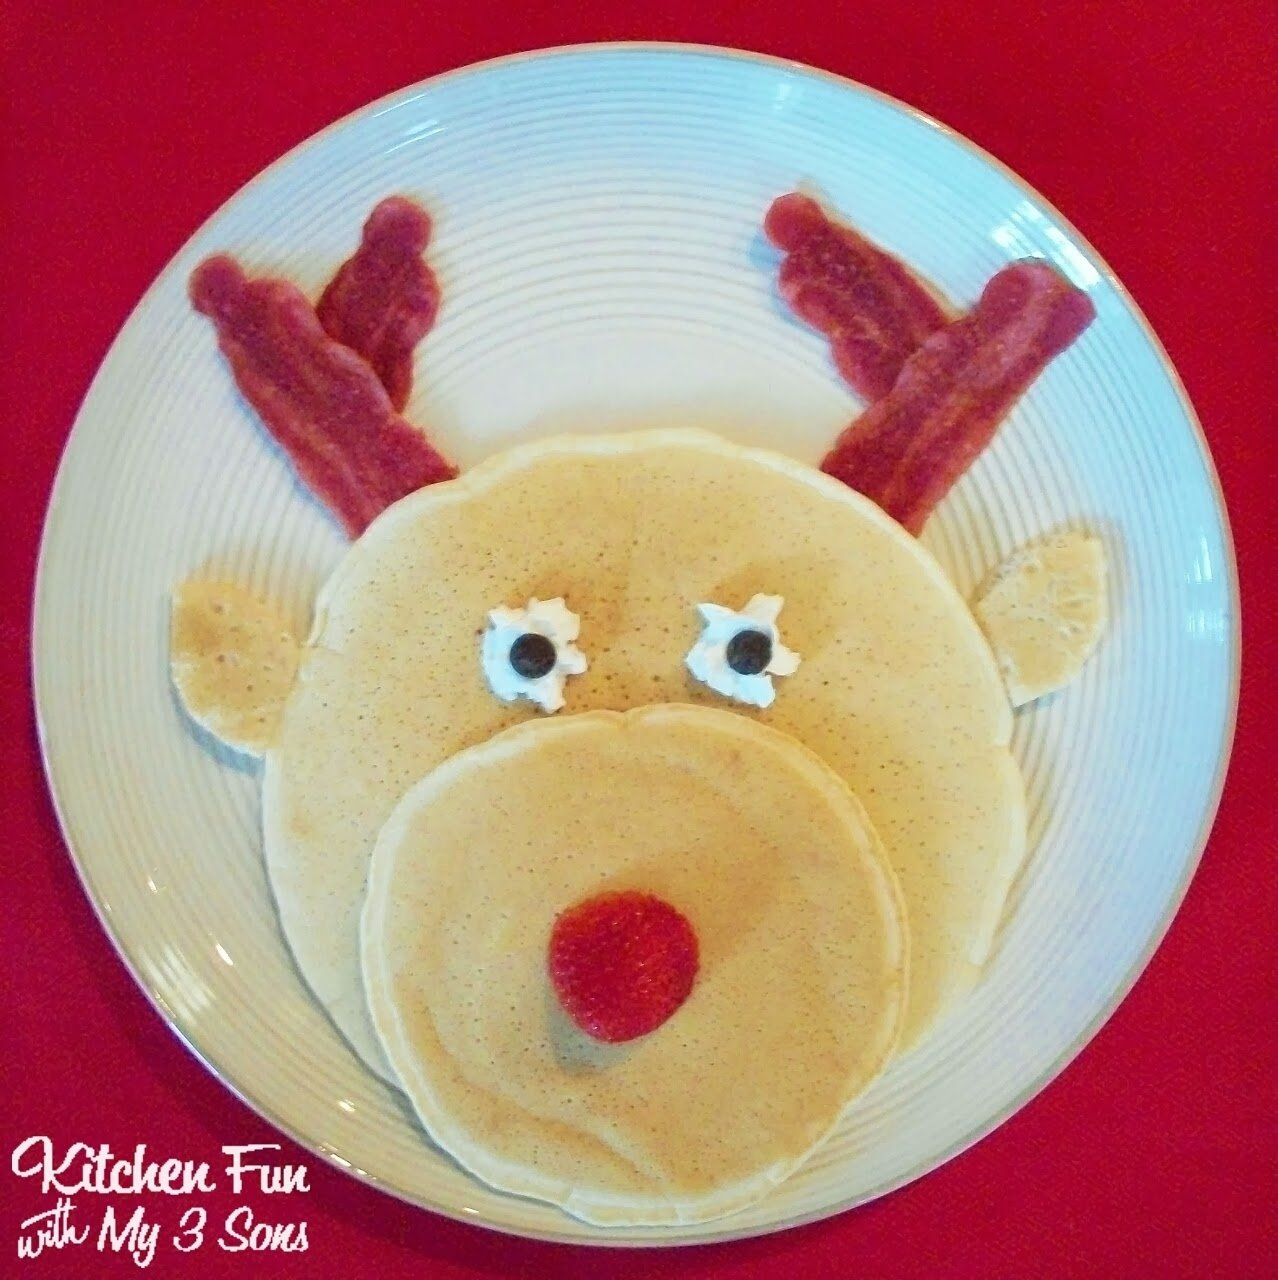 10 Lovely Christmas Breakfast Ideas For Kids 12 of the best christmas breakfast ideas for kids 2 2020